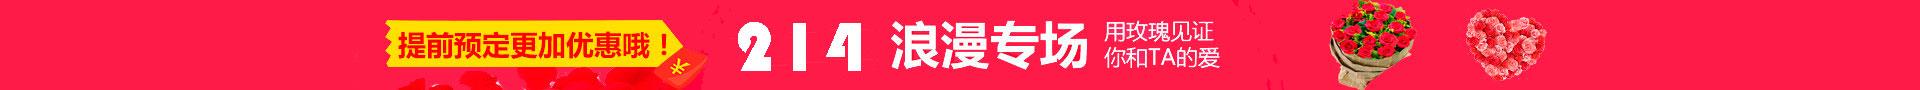 北京鲜花网214情人节送花专题